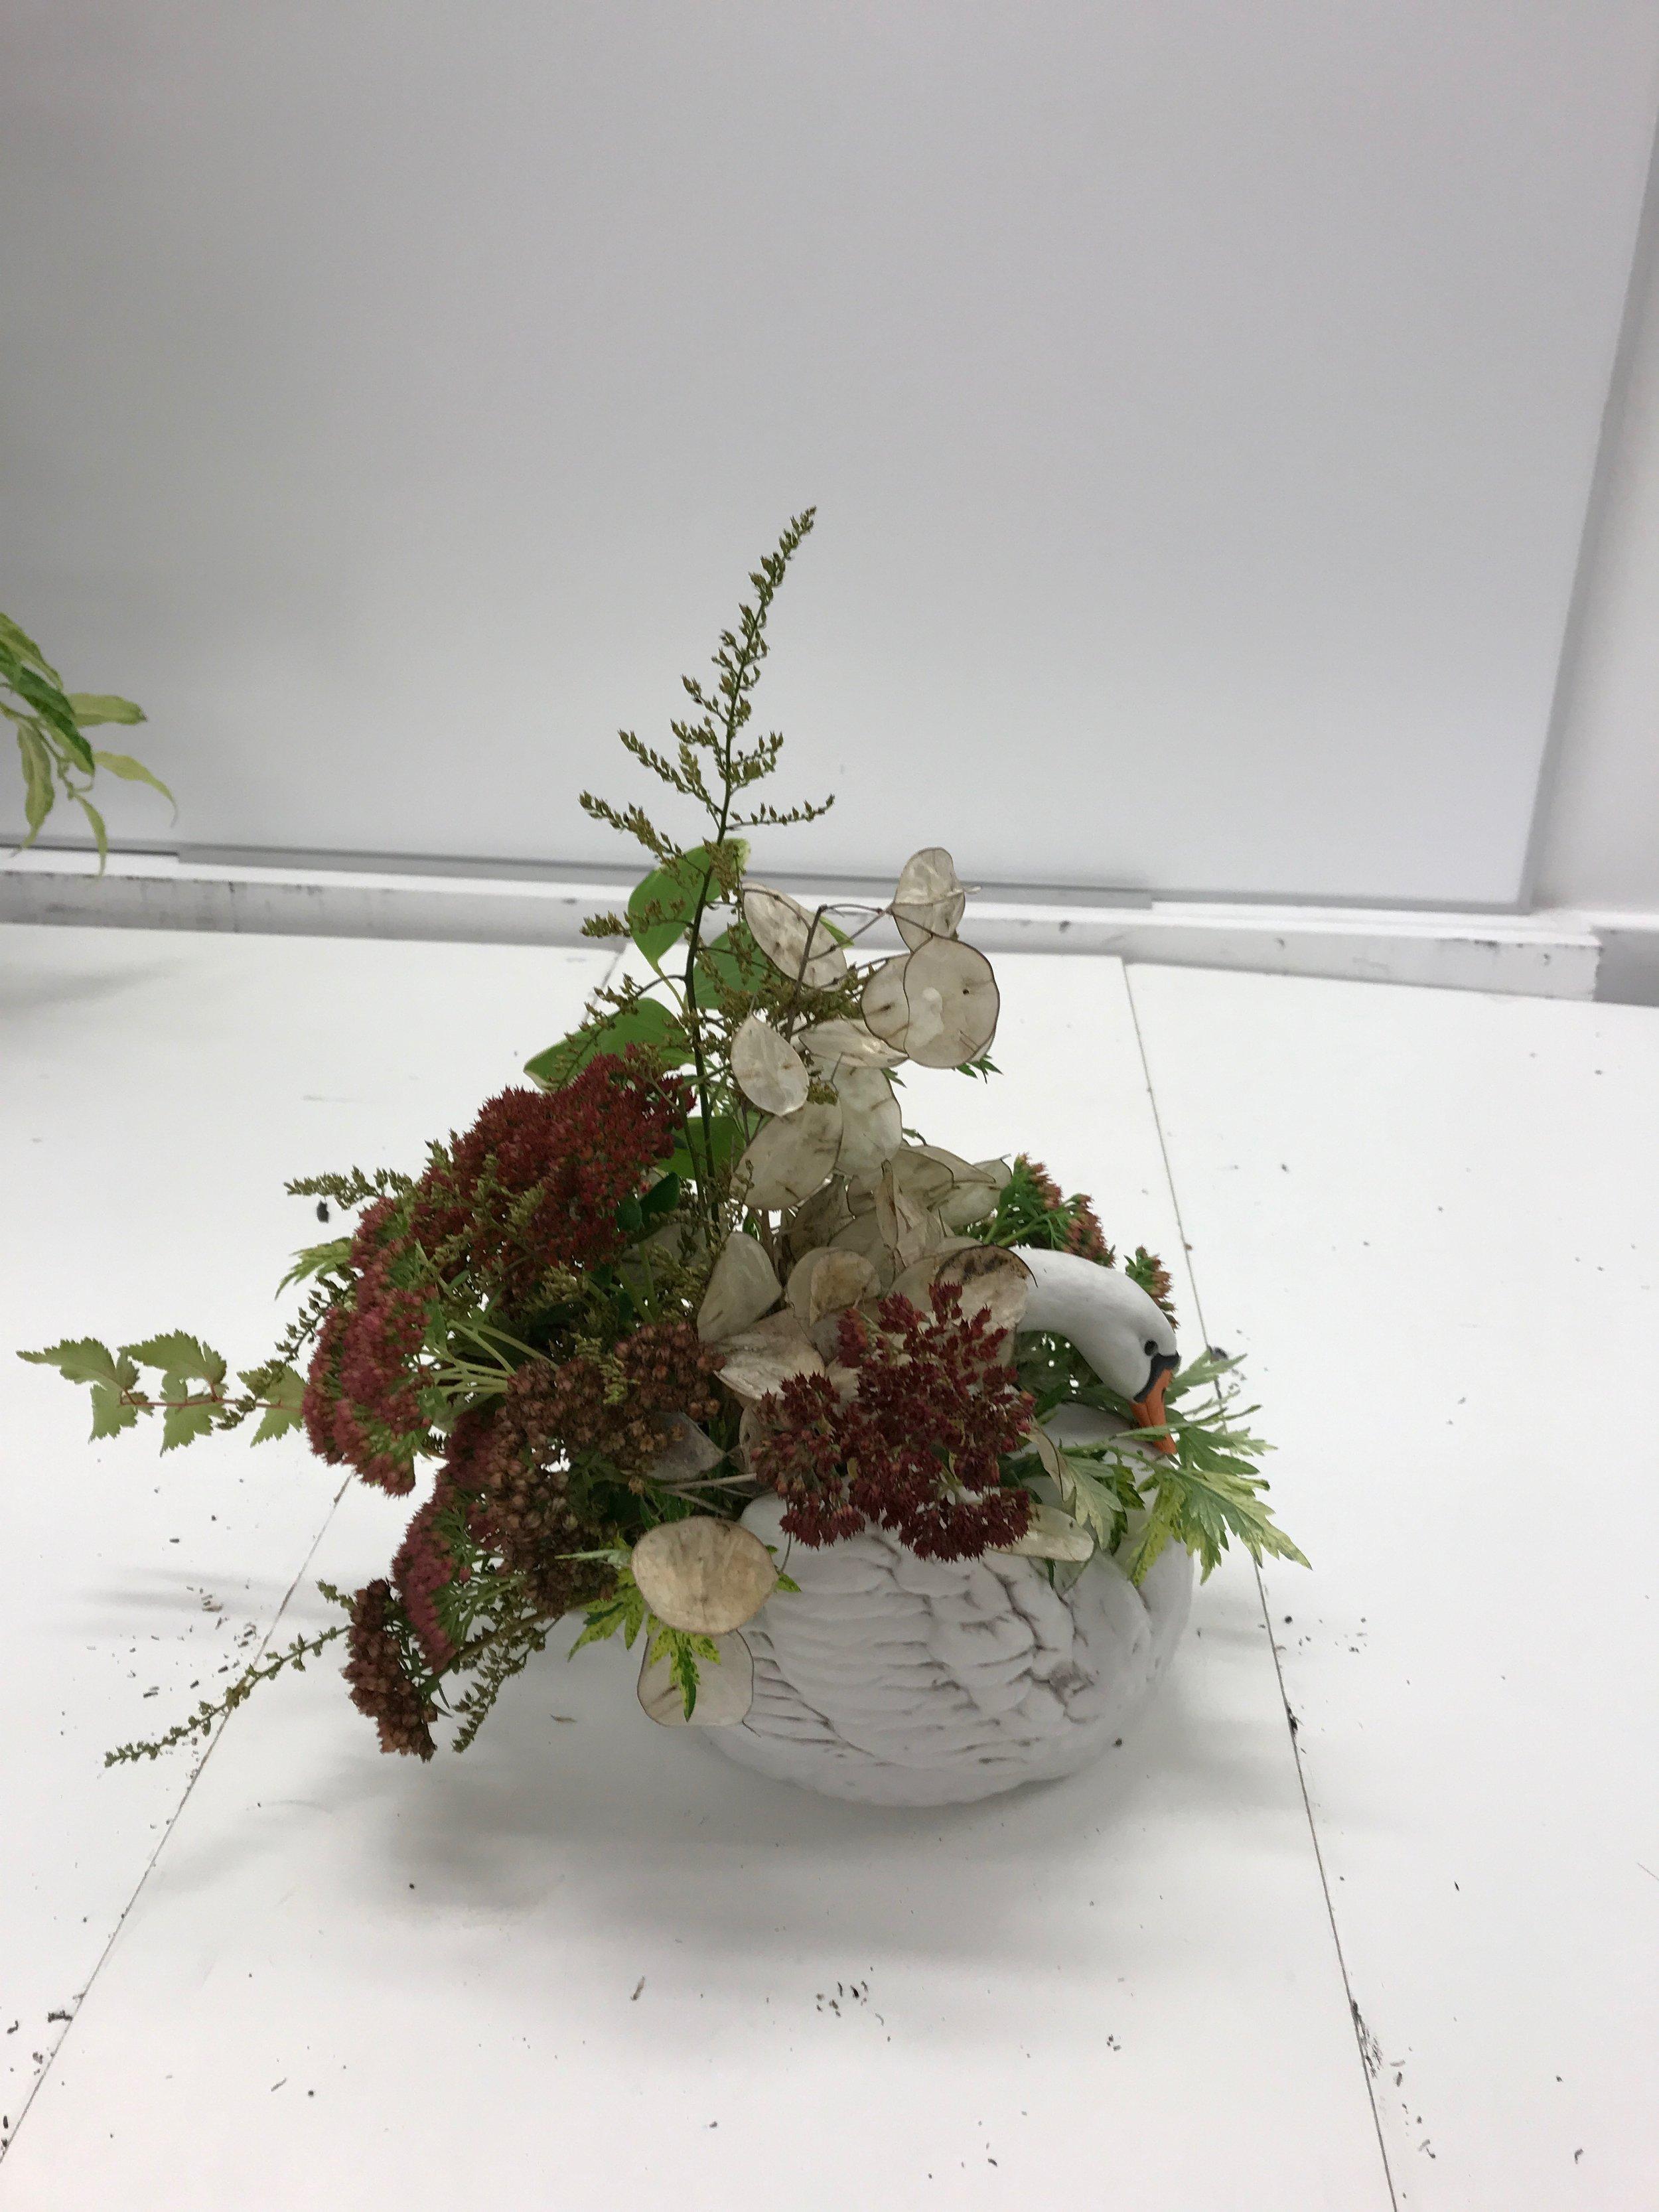 Floral workshop, 10-18-17over,  MA, October 18, 2017 - 1 of 16 (1).jpg